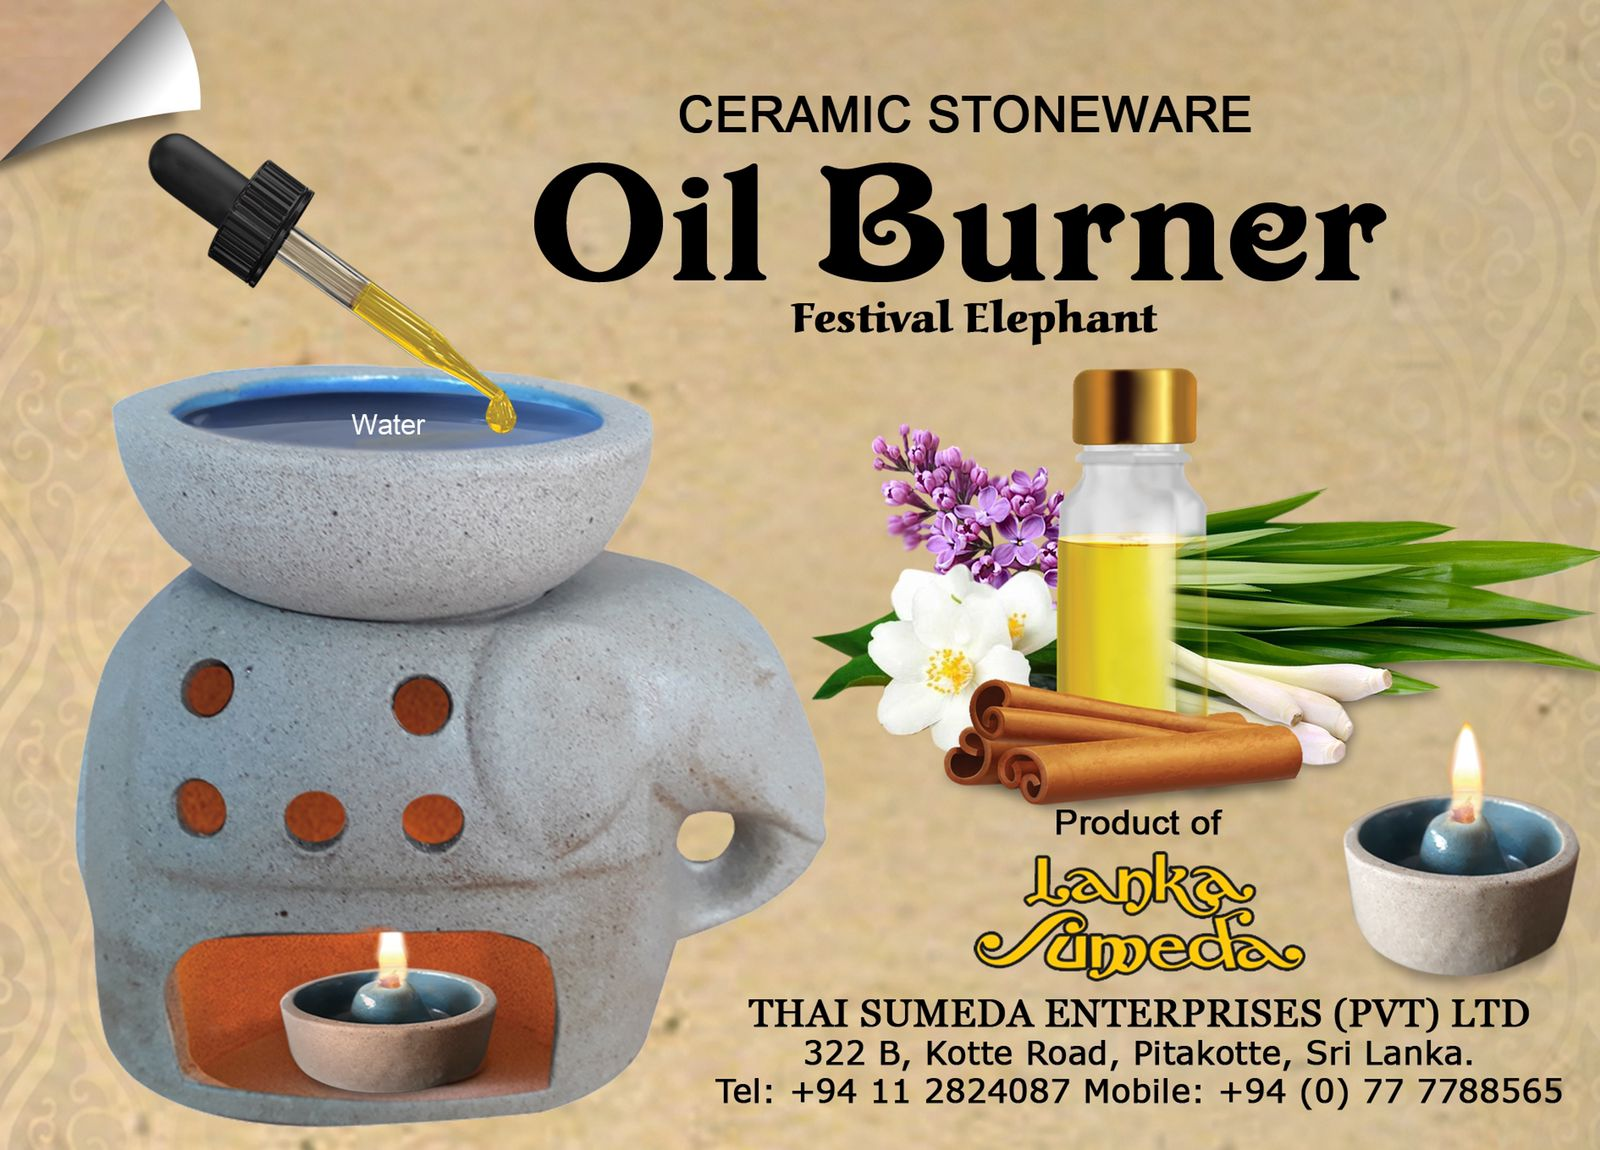 ceramic-stoneware-01